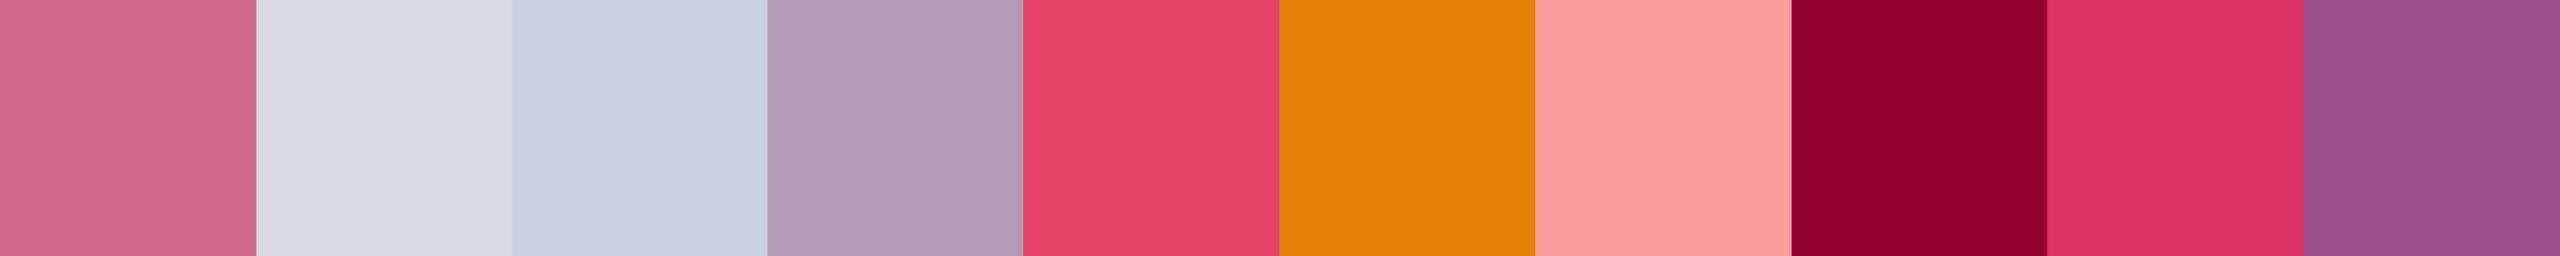 469 Parakinte Color Palette